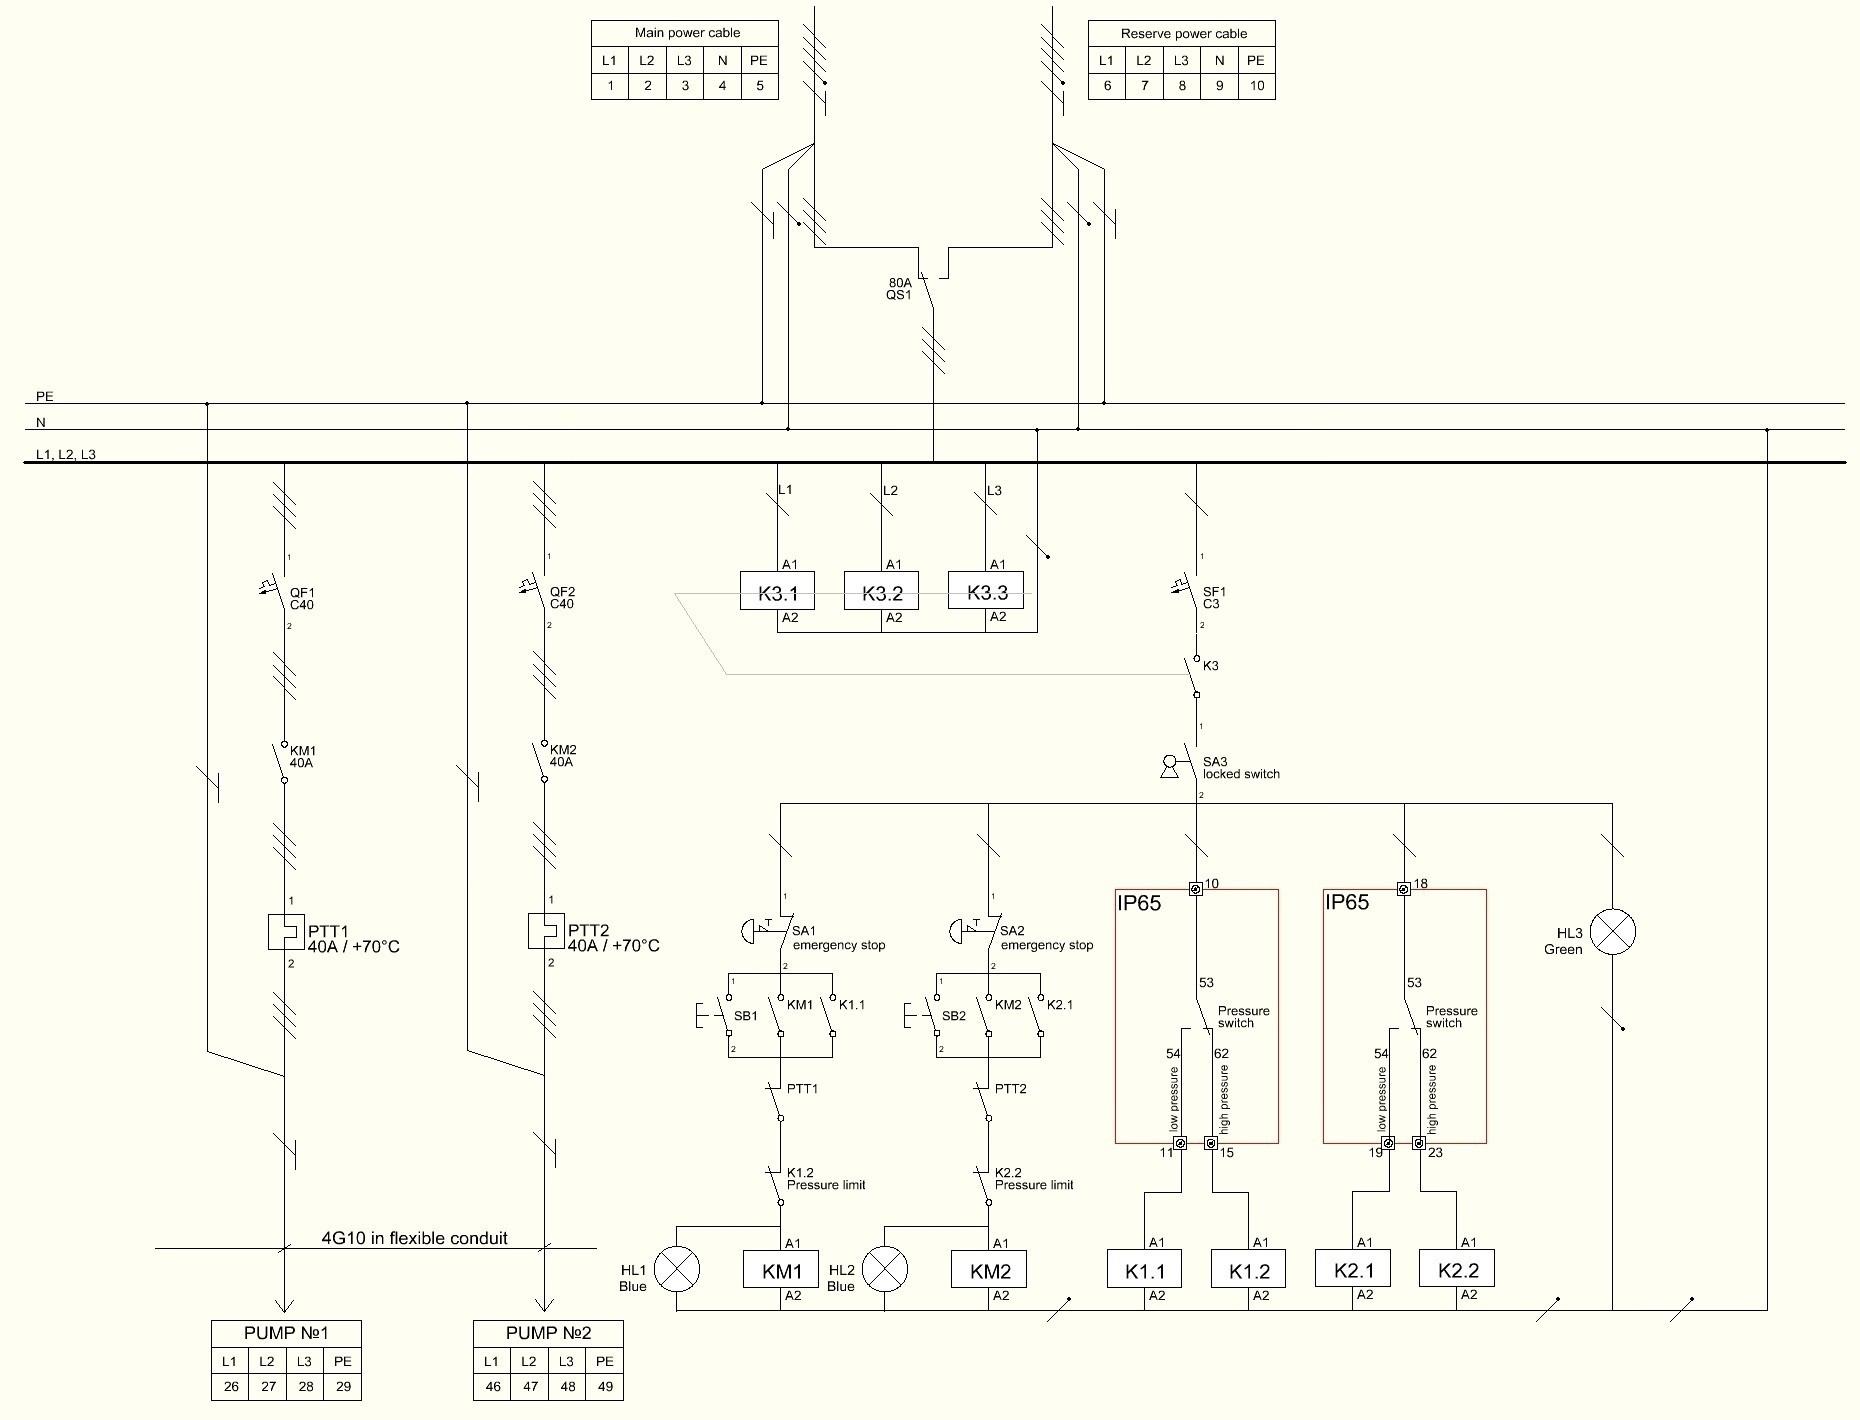 Load Center Wiring Diagram: Motor Control Center Wiring Diagram - Wiring Diagram Worldrh:2.daczcz.valerie-suty.de,Design